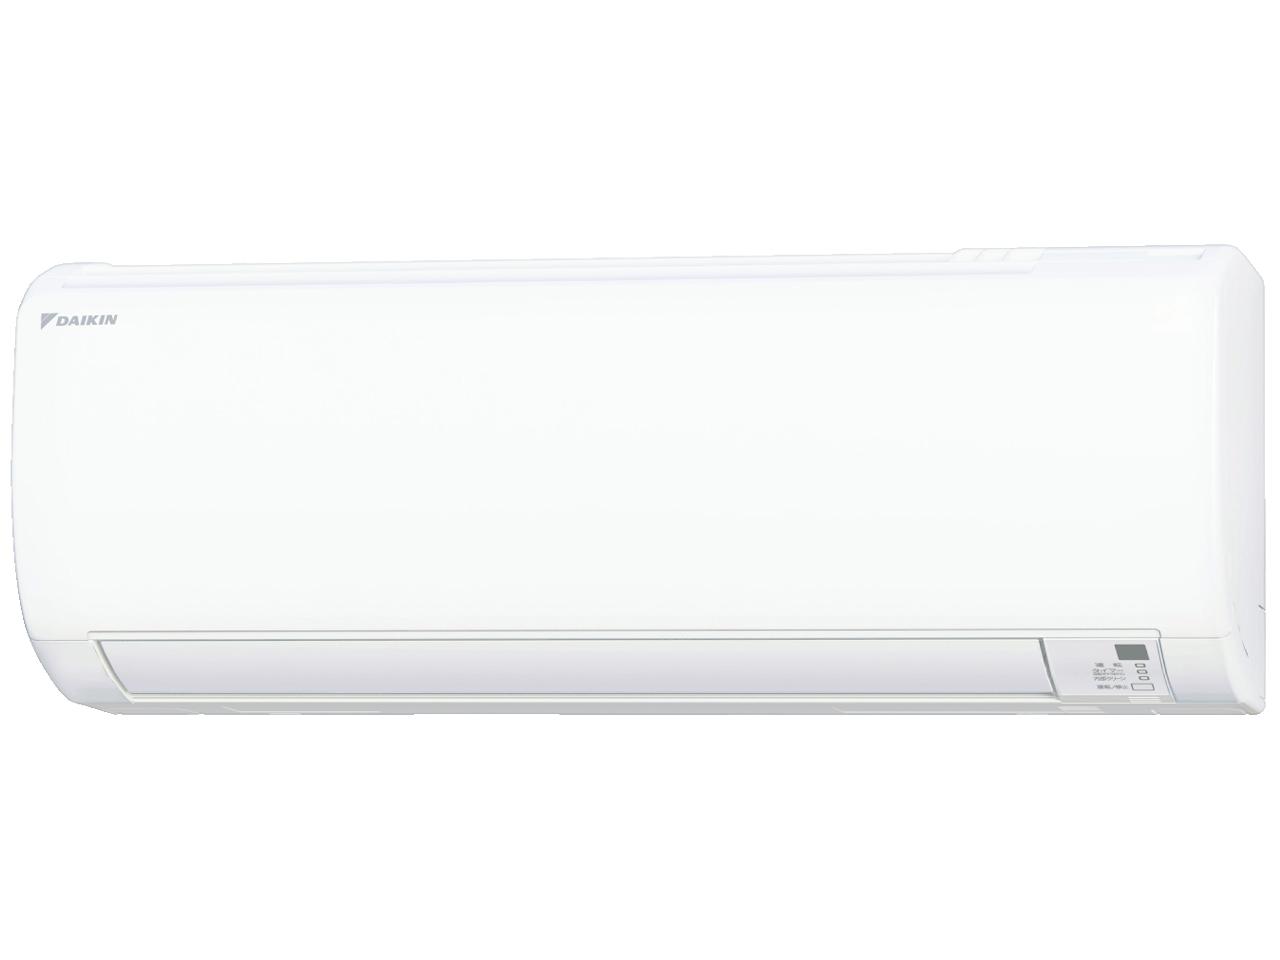 ダイキン 19年モデル Eシリーズ S22WTES-W 【100V用】6畳用冷暖房除湿エアコン